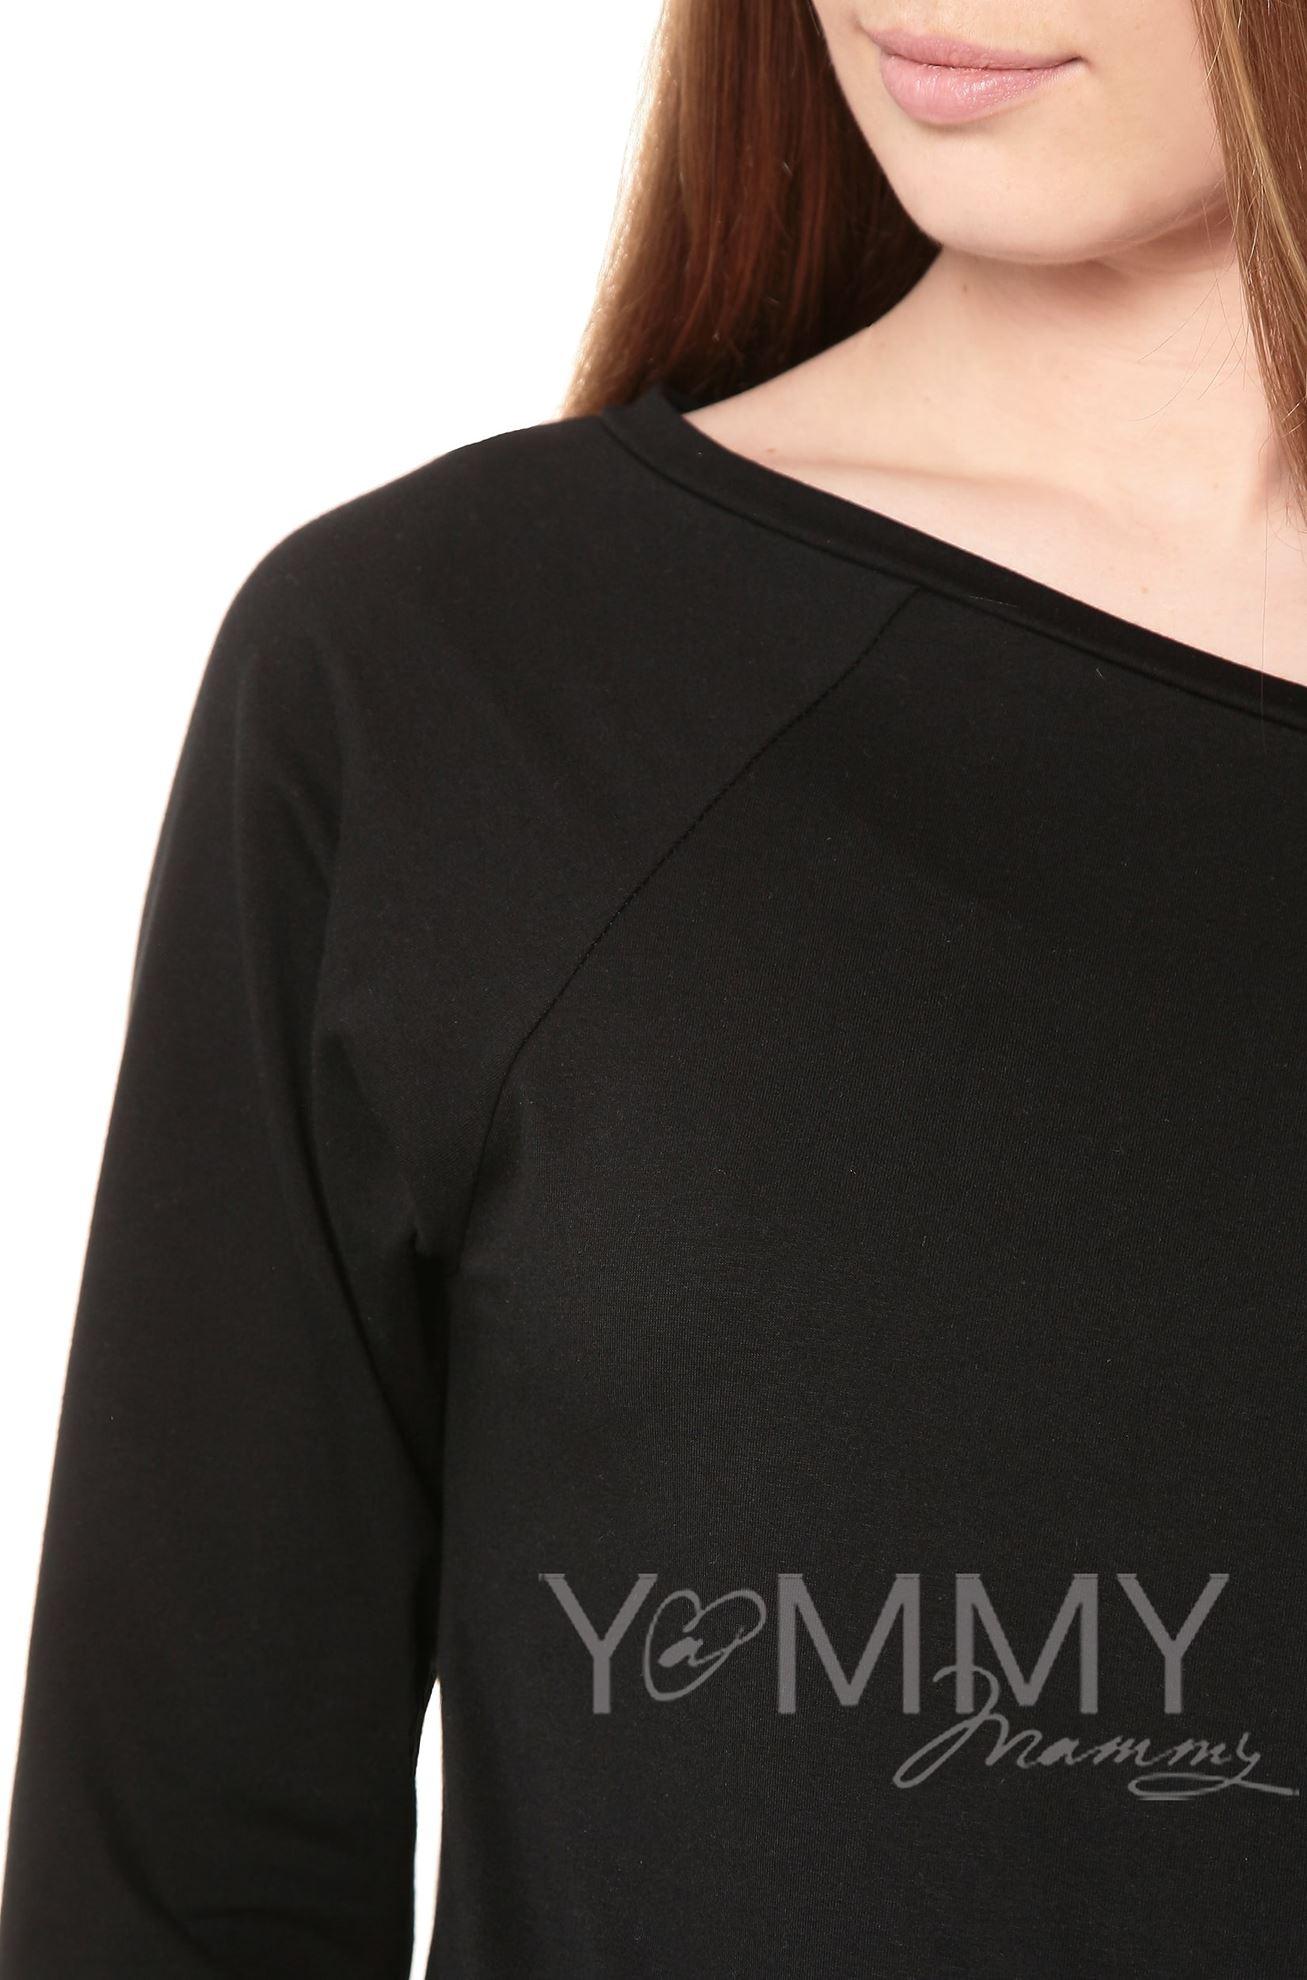 Изображение                               Джемпер со спущенным плечом черный